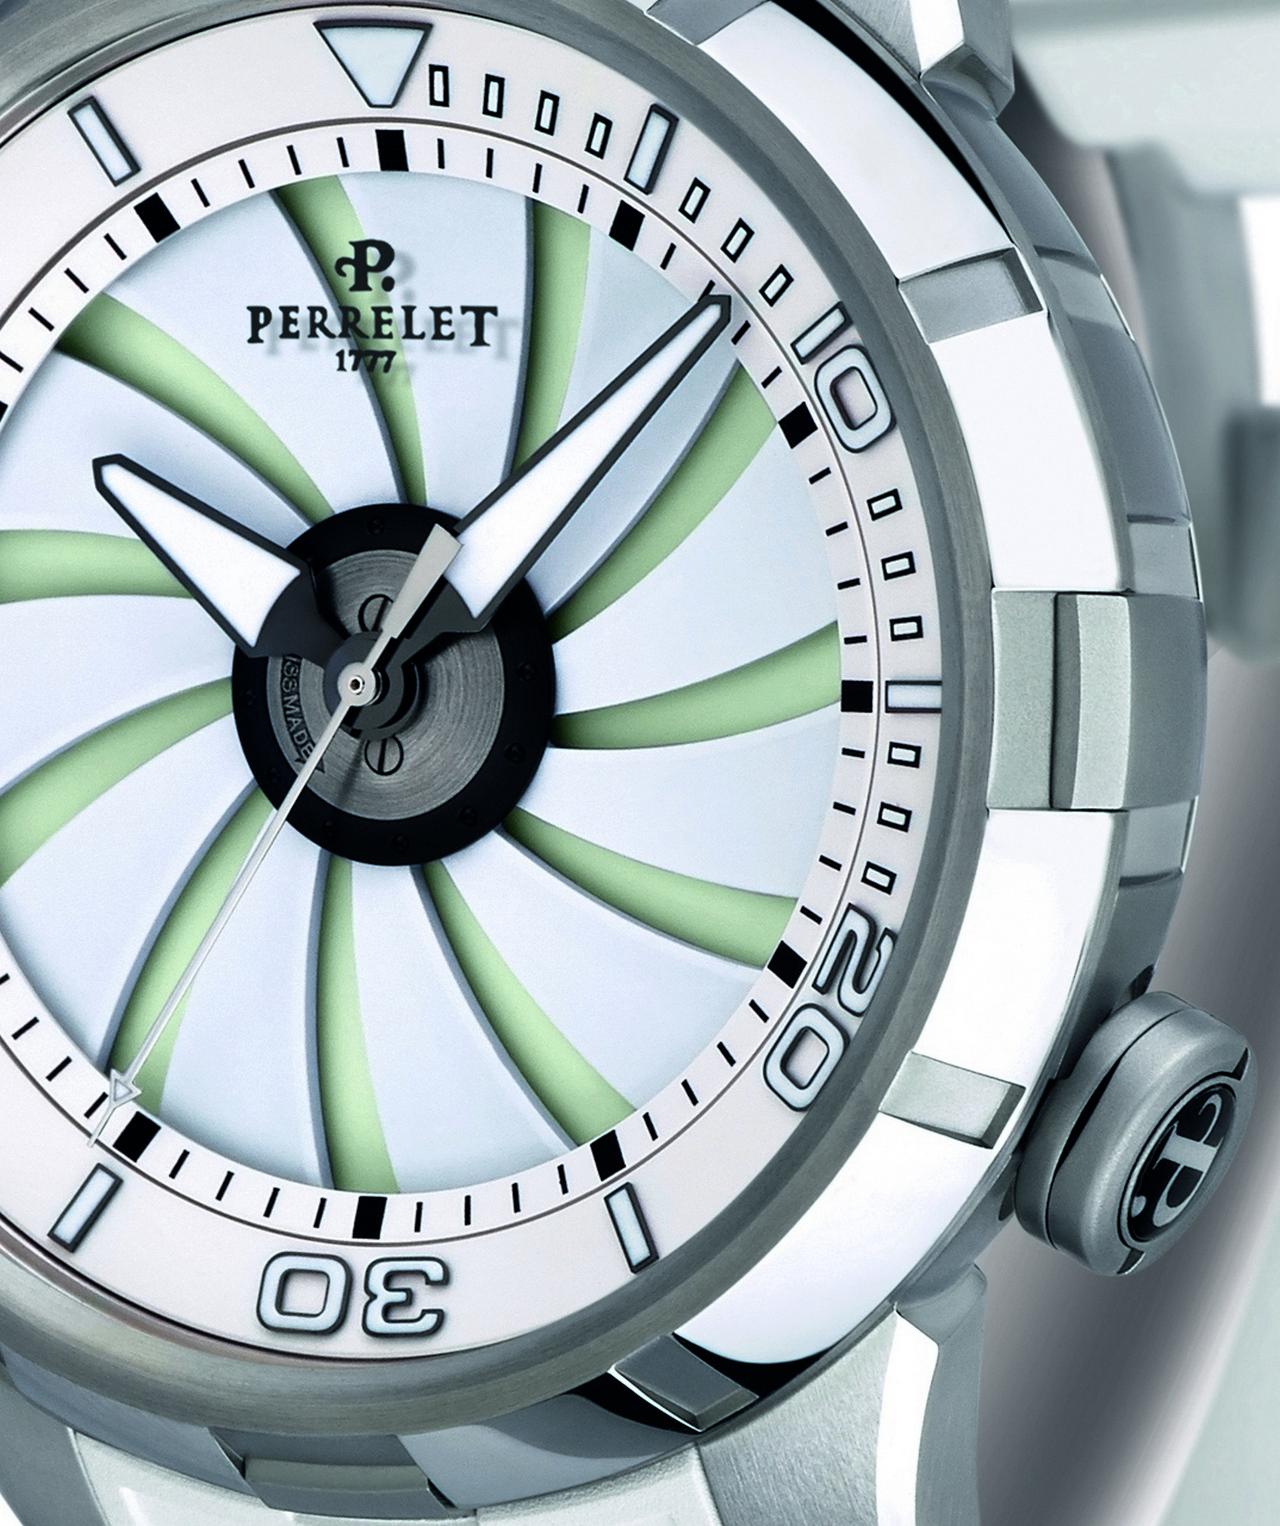 perrelet-turbine-diver_0-100_5